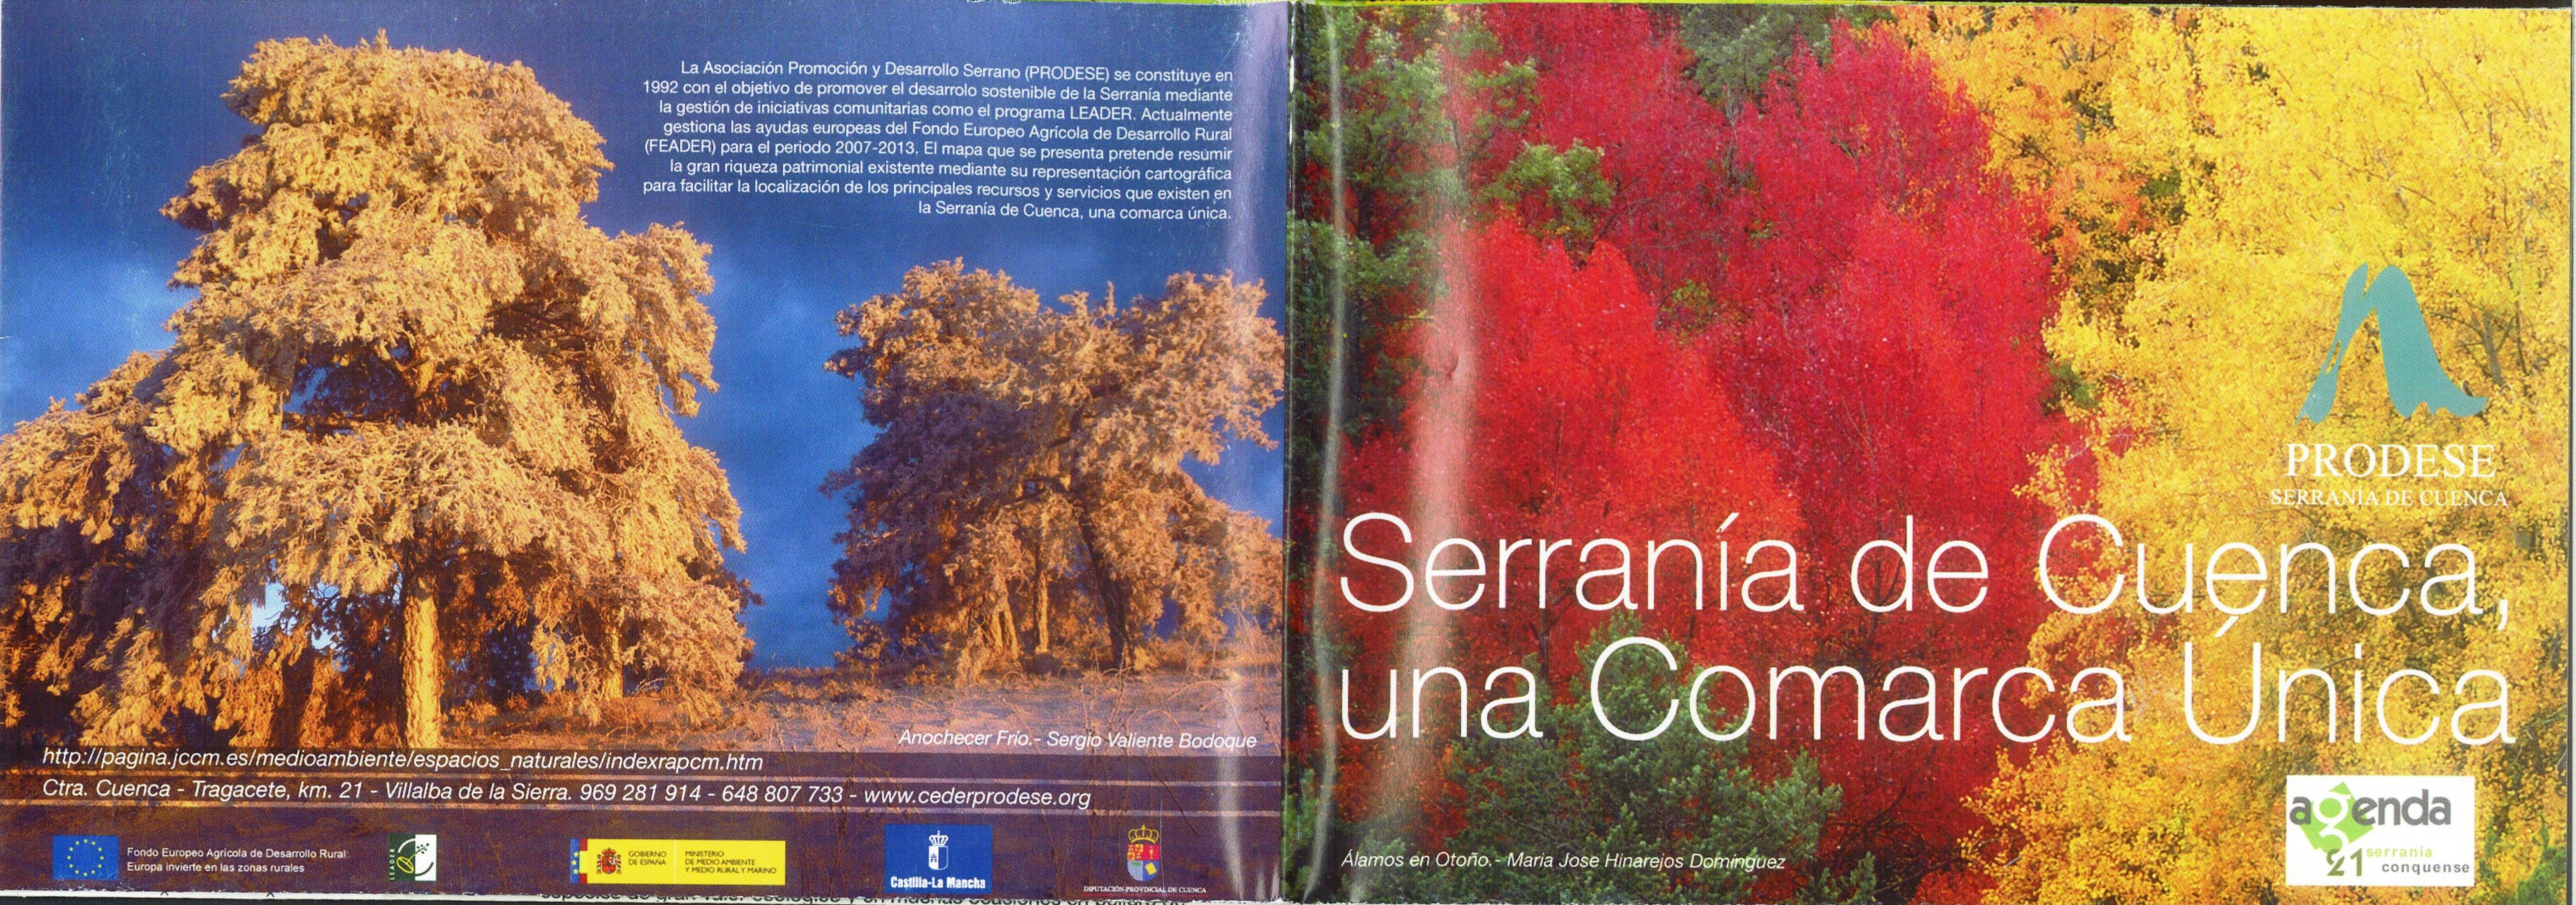 Folleto turístico de la Serranía de Cuenca editada por PRODESE Serranía de Cuenca, 2011. #Cuenca #SerraniadeCuenca#Turismo #PRODESESerraniadeCuenca